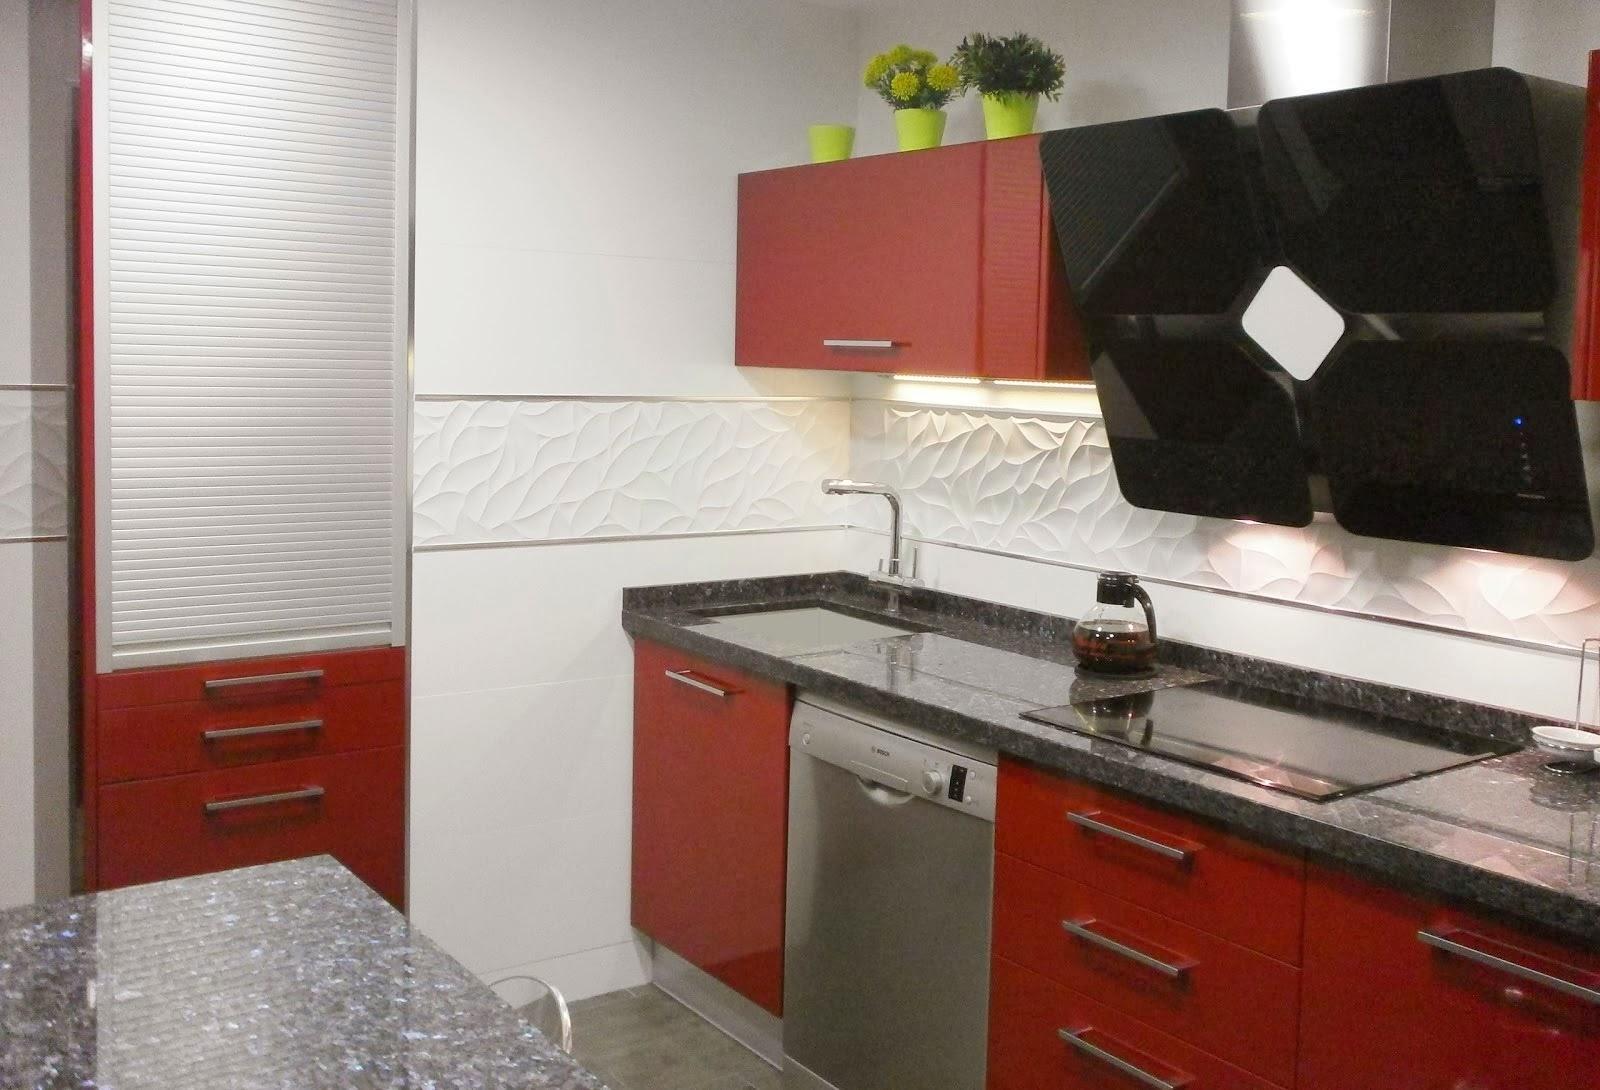 Cocinas Laminadas Caracter Sticas Arcomobel ~ Limpiar Muebles De Cocina De Formica Mate